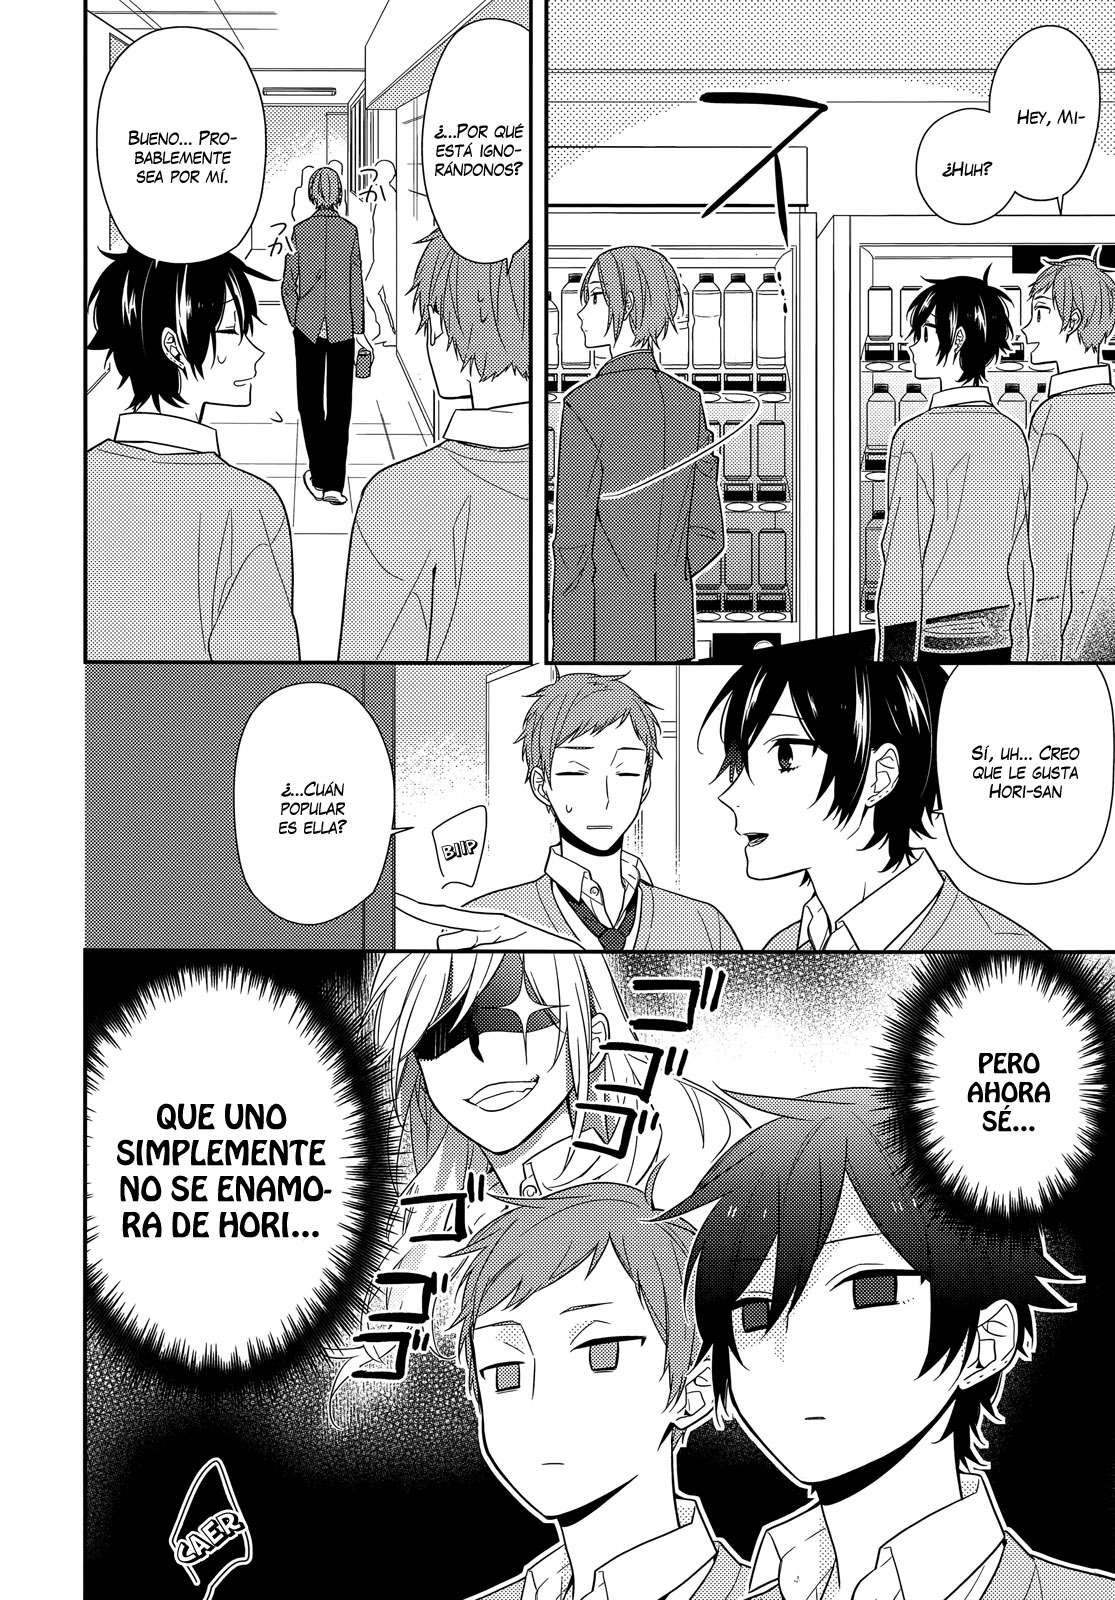 http://c5.ninemanga.com/es_manga/19/1043/414671/d1e6e938fde1e48a6335f16c65b37e31.jpg Page 7